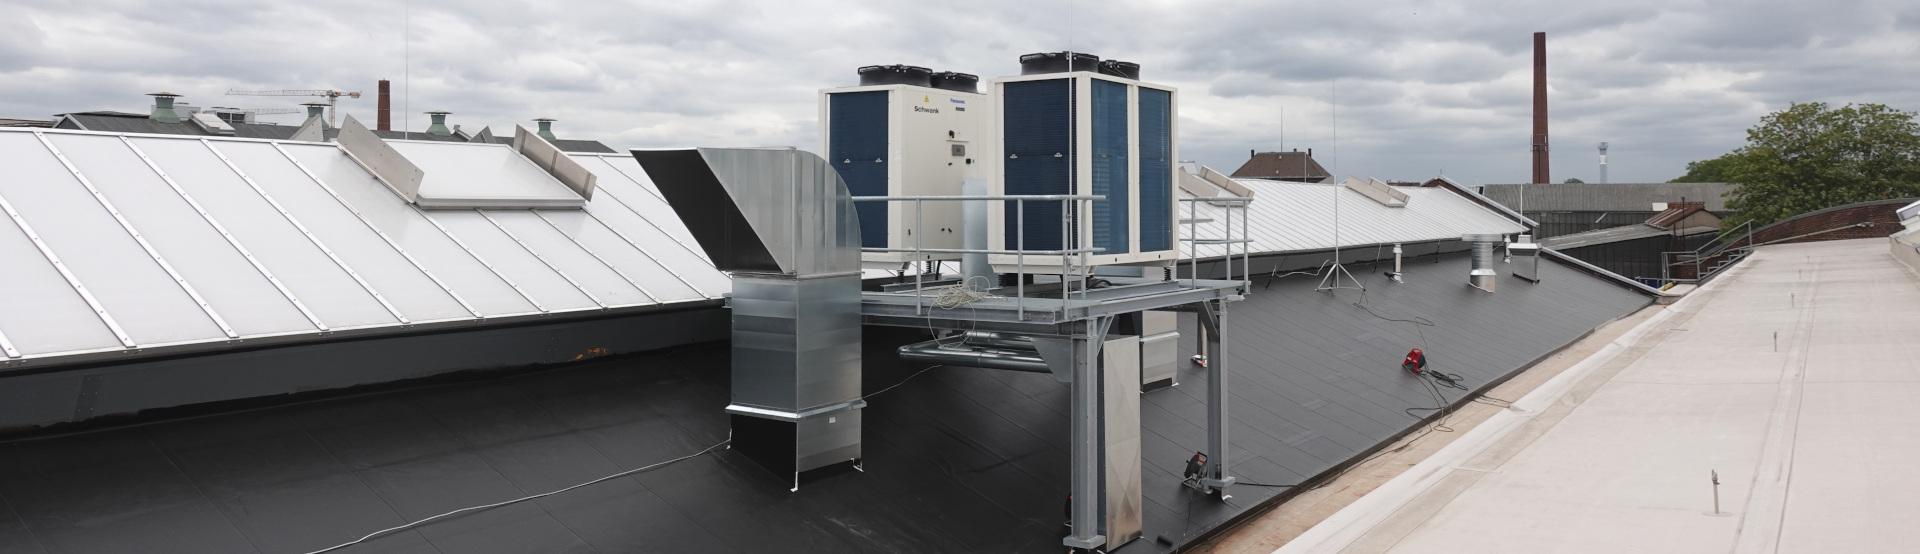 Dva chillery Schwank na střeše průmyslové budovy